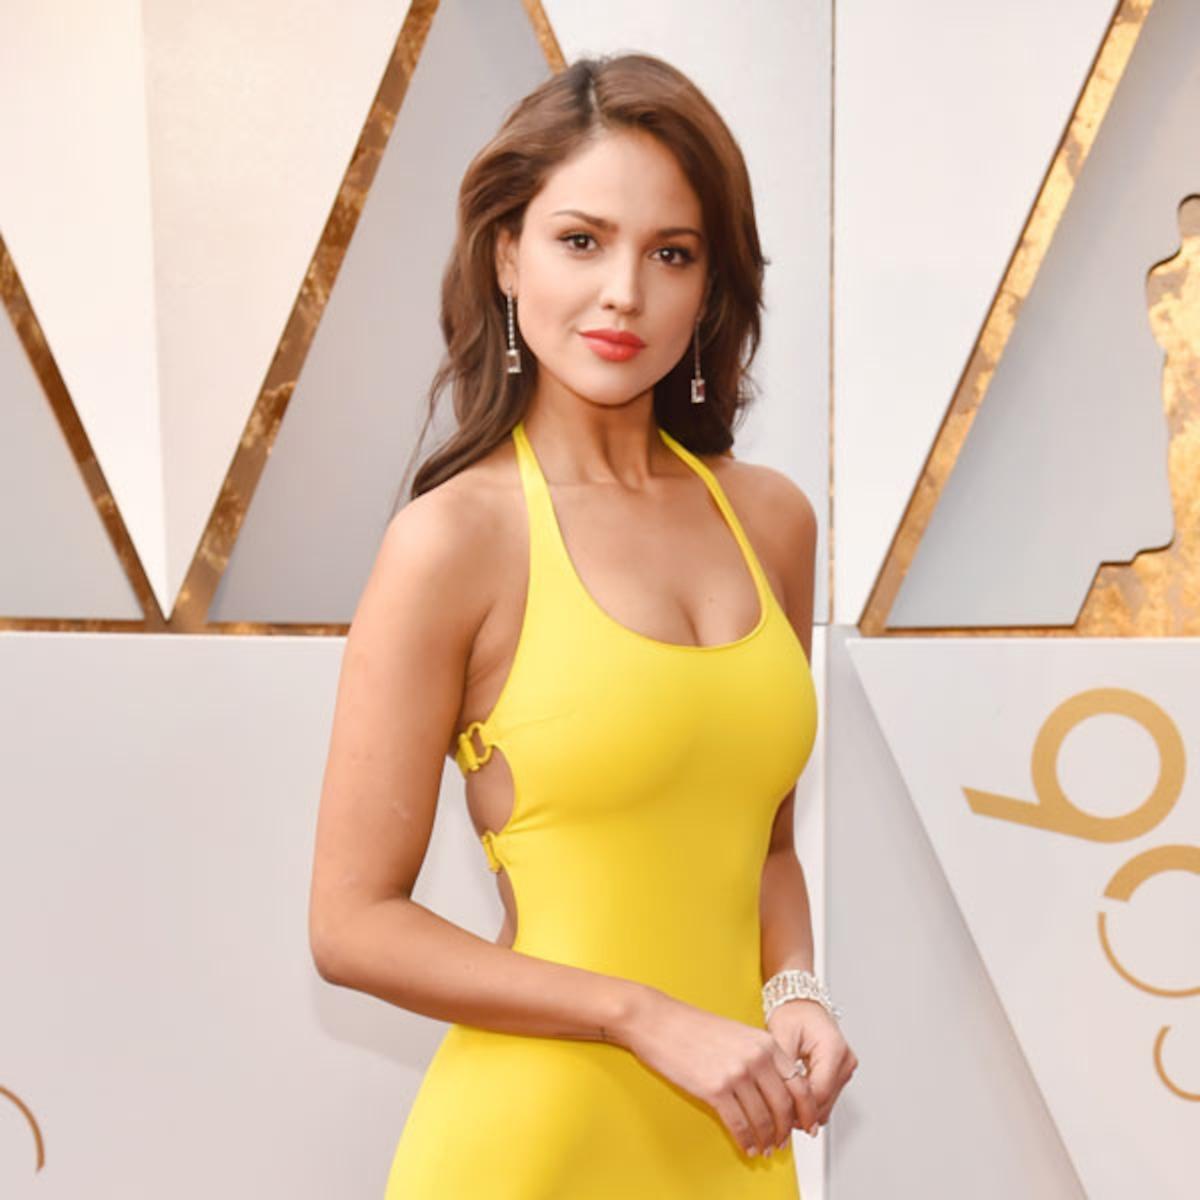 La Verdad Detrás Del Vestido Amarillo De Eiza González E News